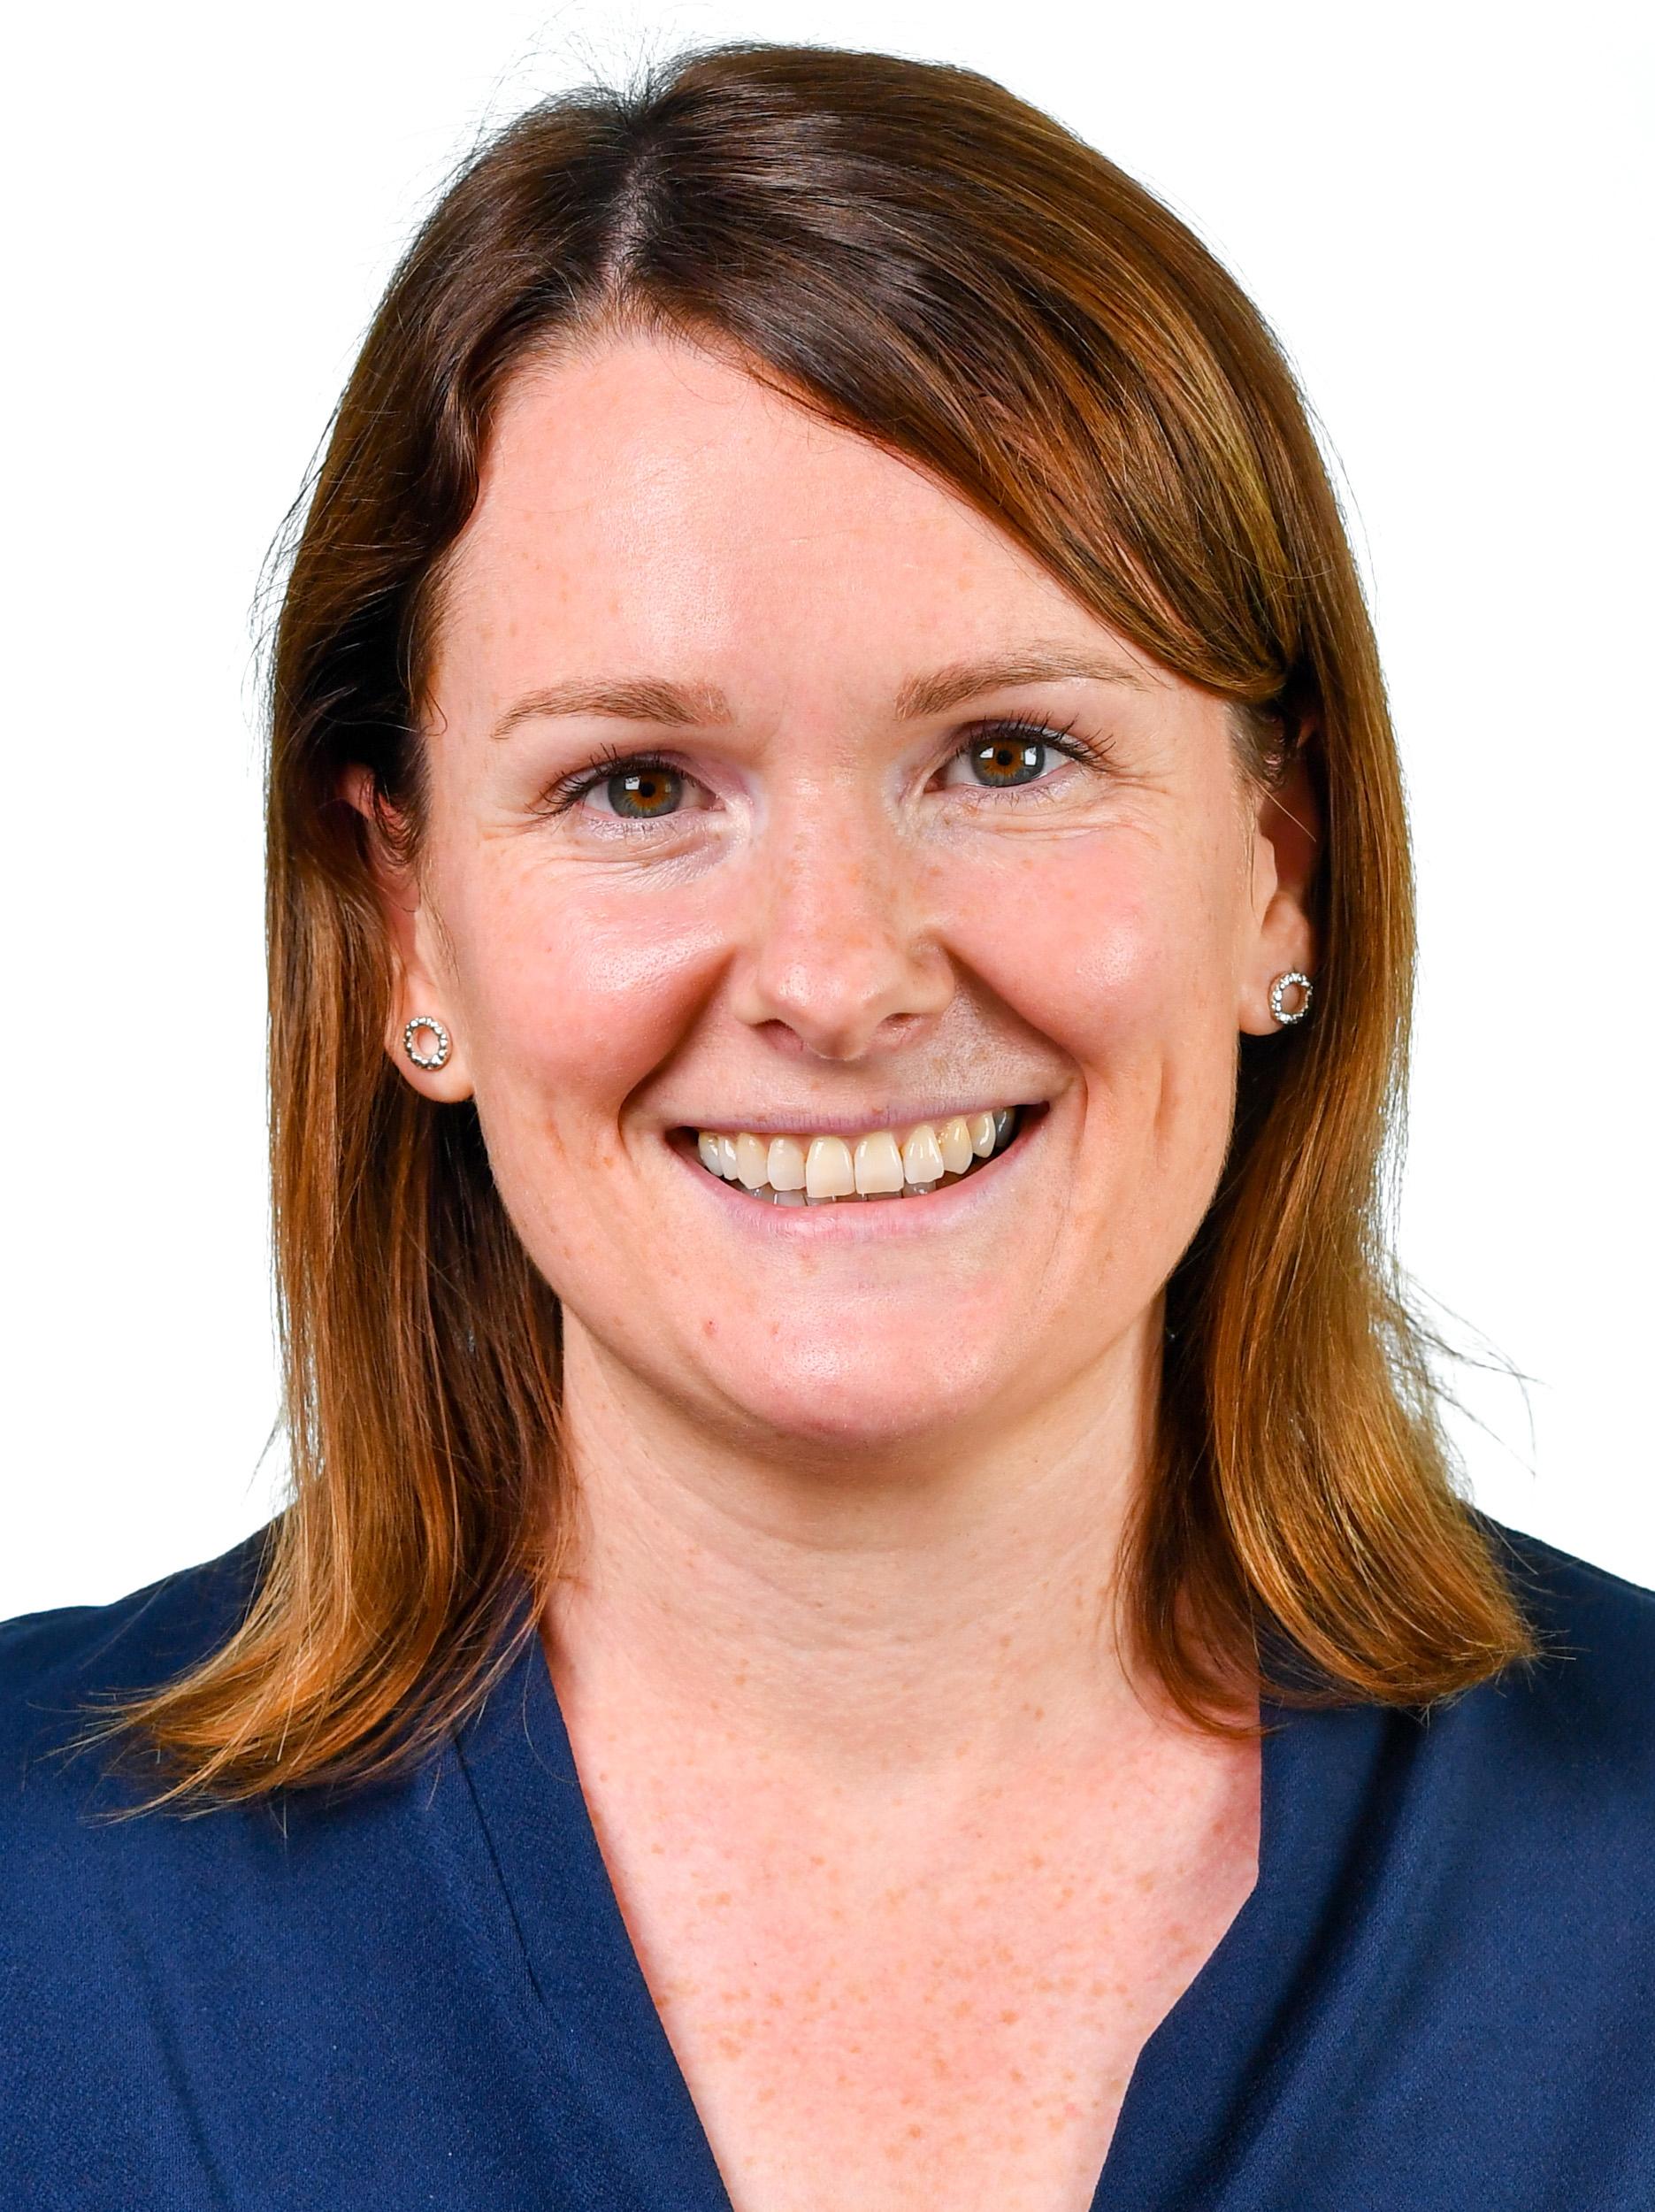 Elaine Barker